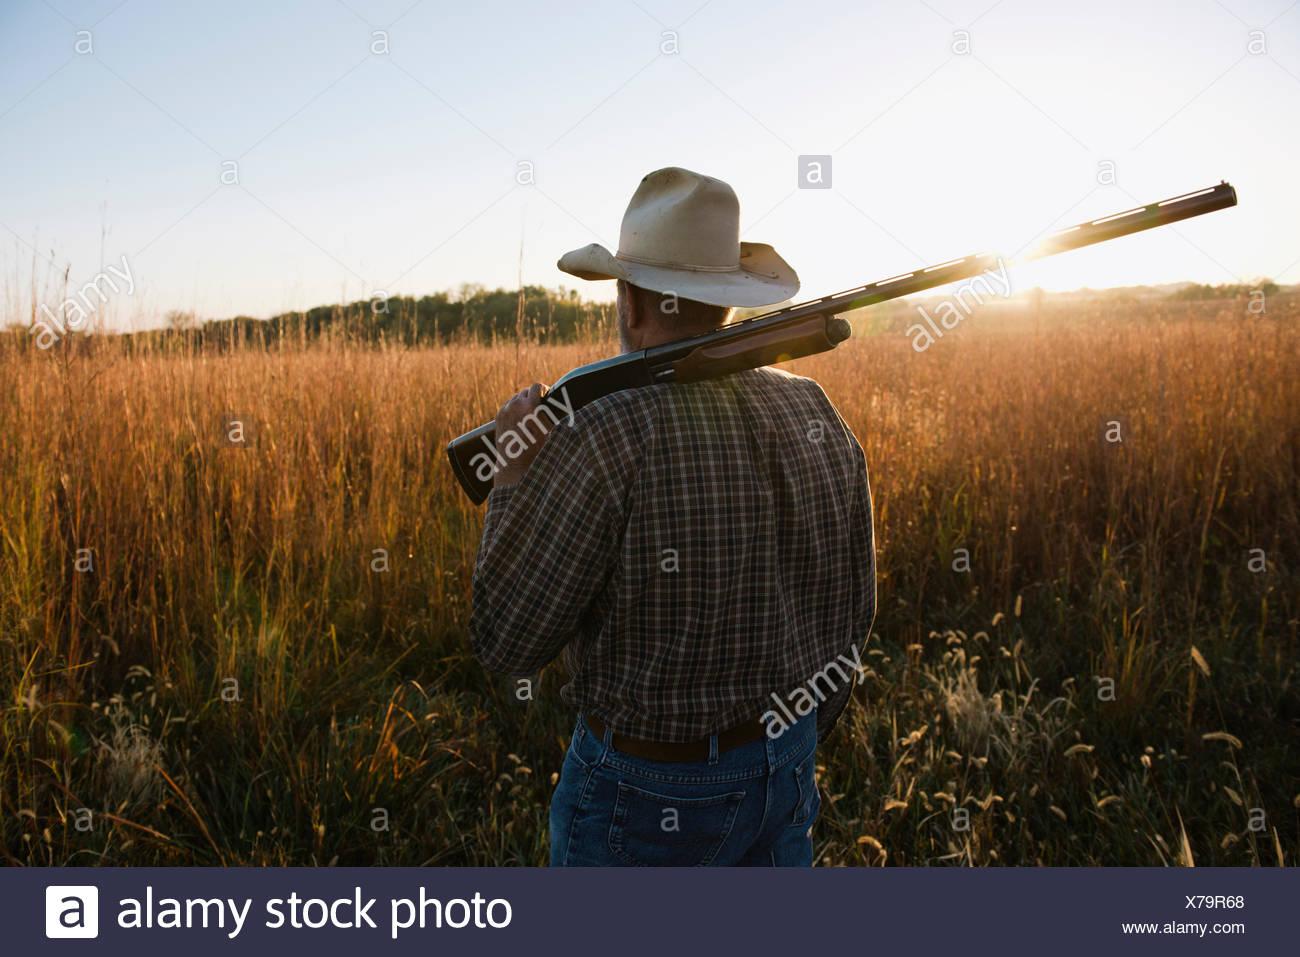 Maschio anziano contadino con un fucile sulla spalla in campo remoto al crepuscolo, Plattsburg, Missouri, Stati Uniti d'America Immagini Stock